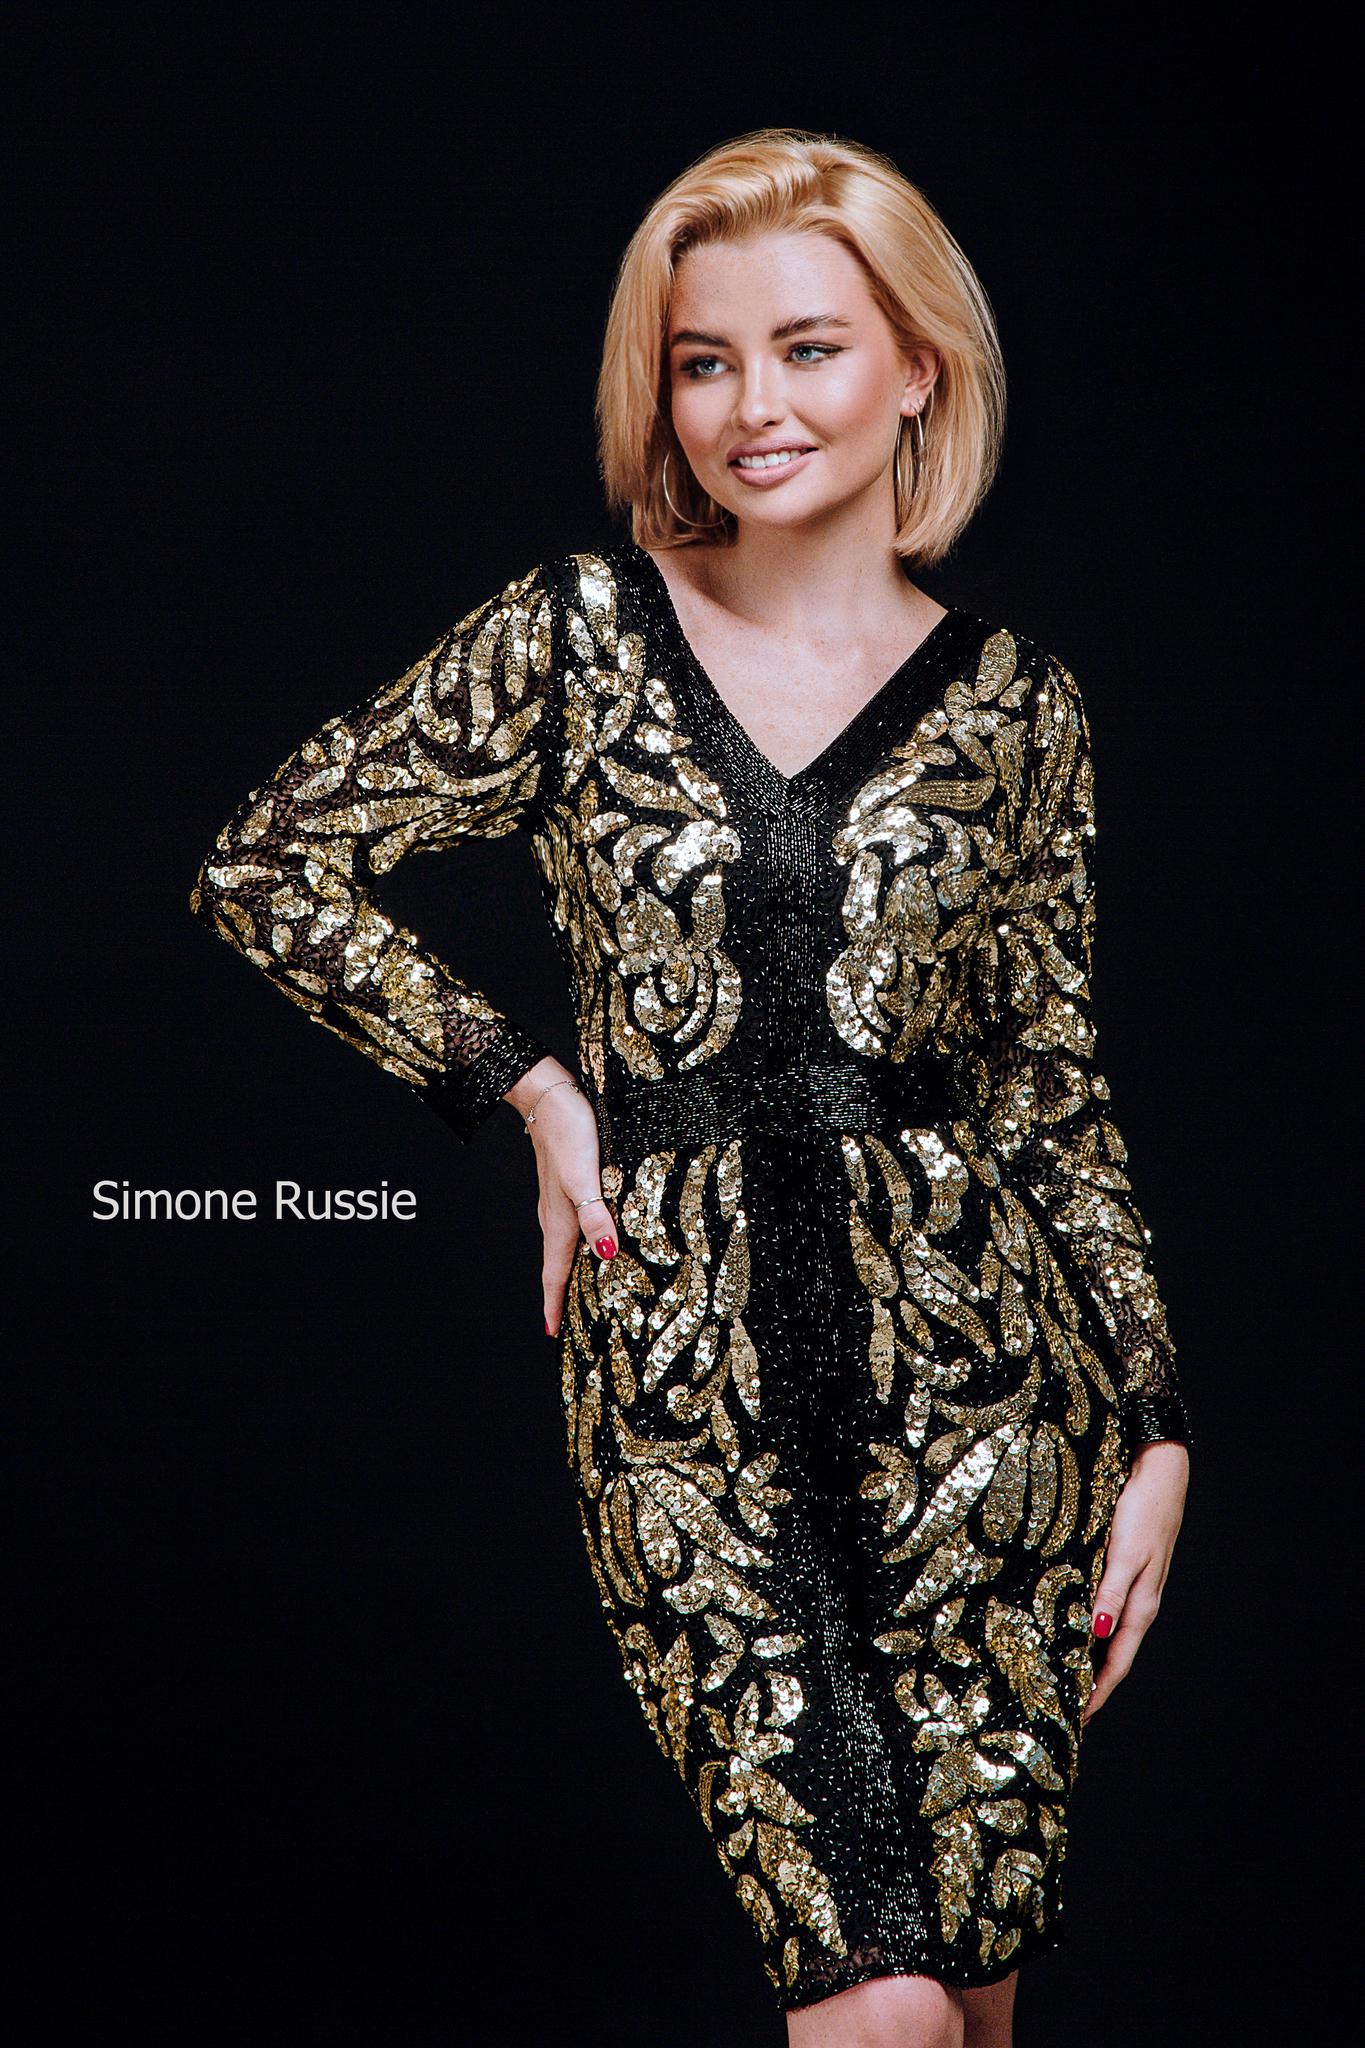 Simone Russie SR1946 Элегантное платье средней длины расшитое черным и золотым бисером